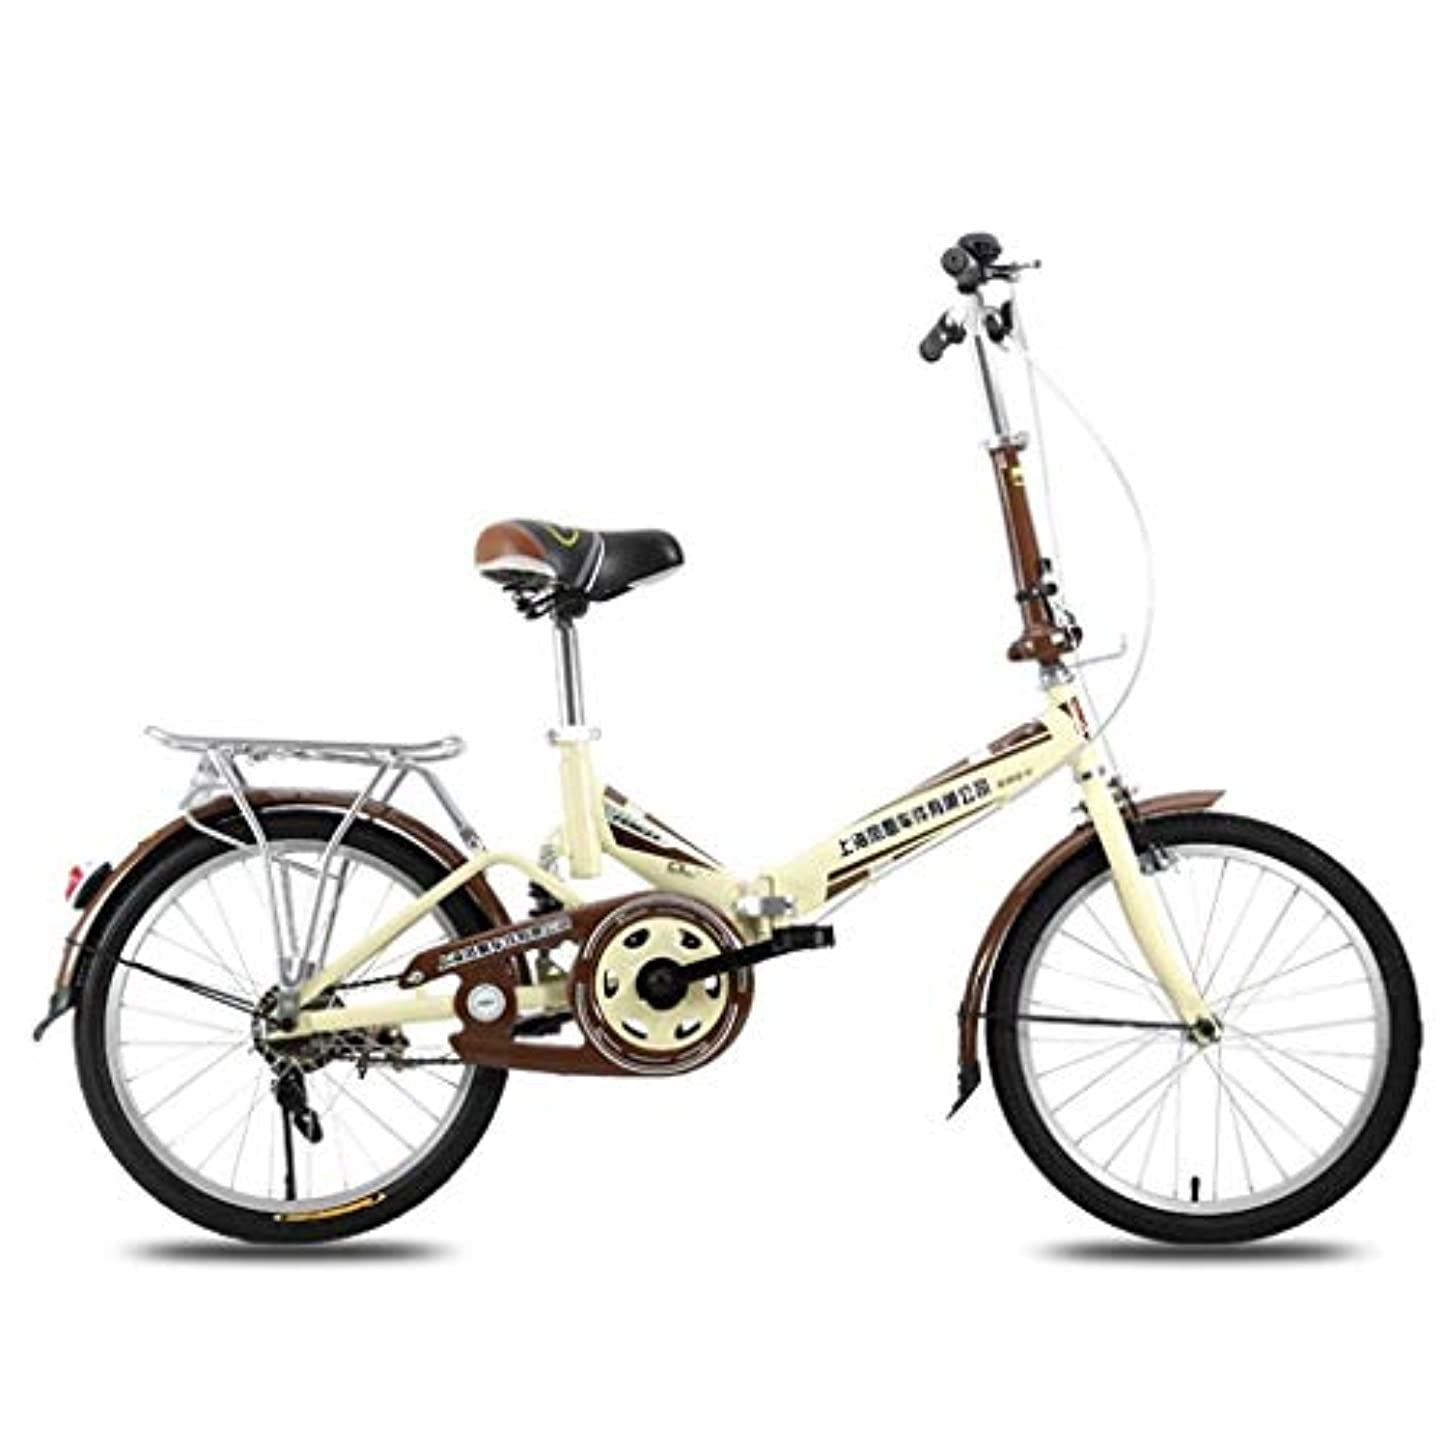 まっすぐにする病気の取る自転車旅行子供用自転車20インチ超軽量ポータブル折りたたみ自転車大人の女の子子供自転車ピンク